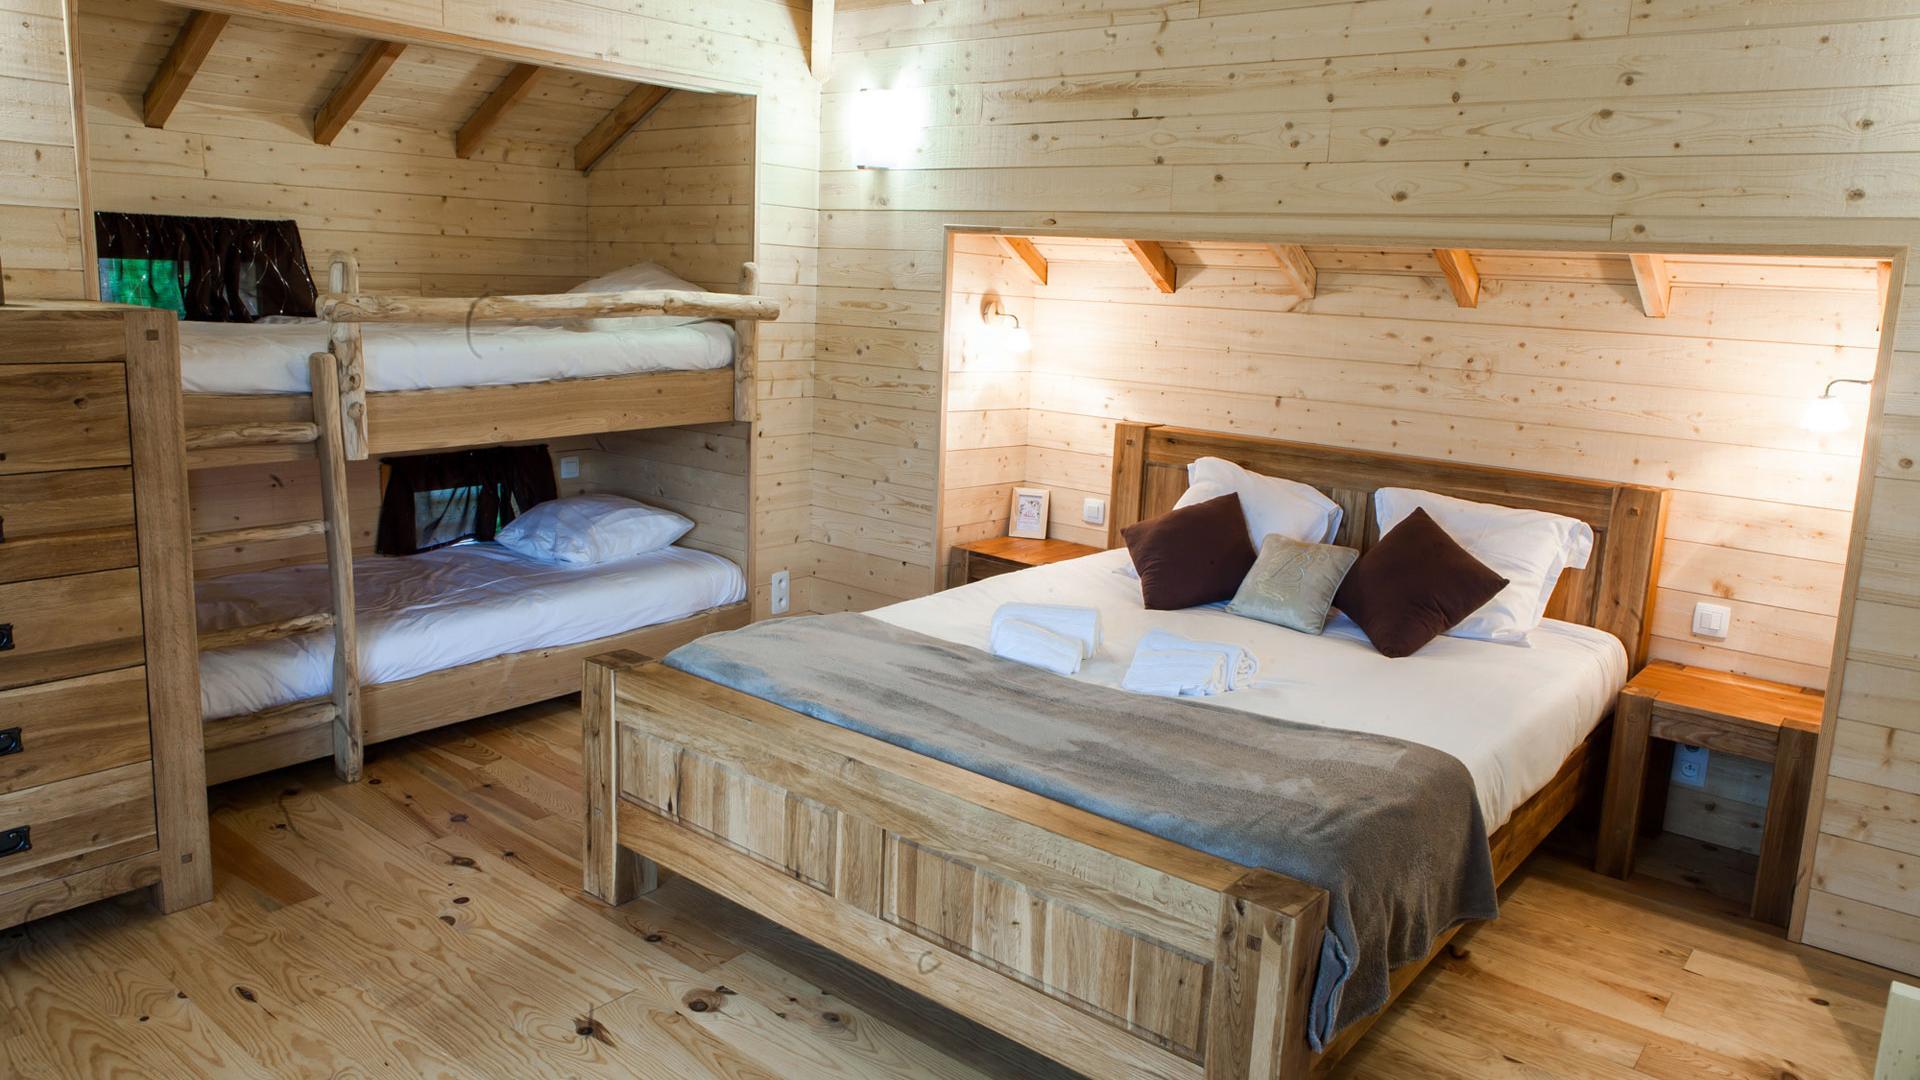 un camping de luxe pour mes vacances campings online. Black Bedroom Furniture Sets. Home Design Ideas